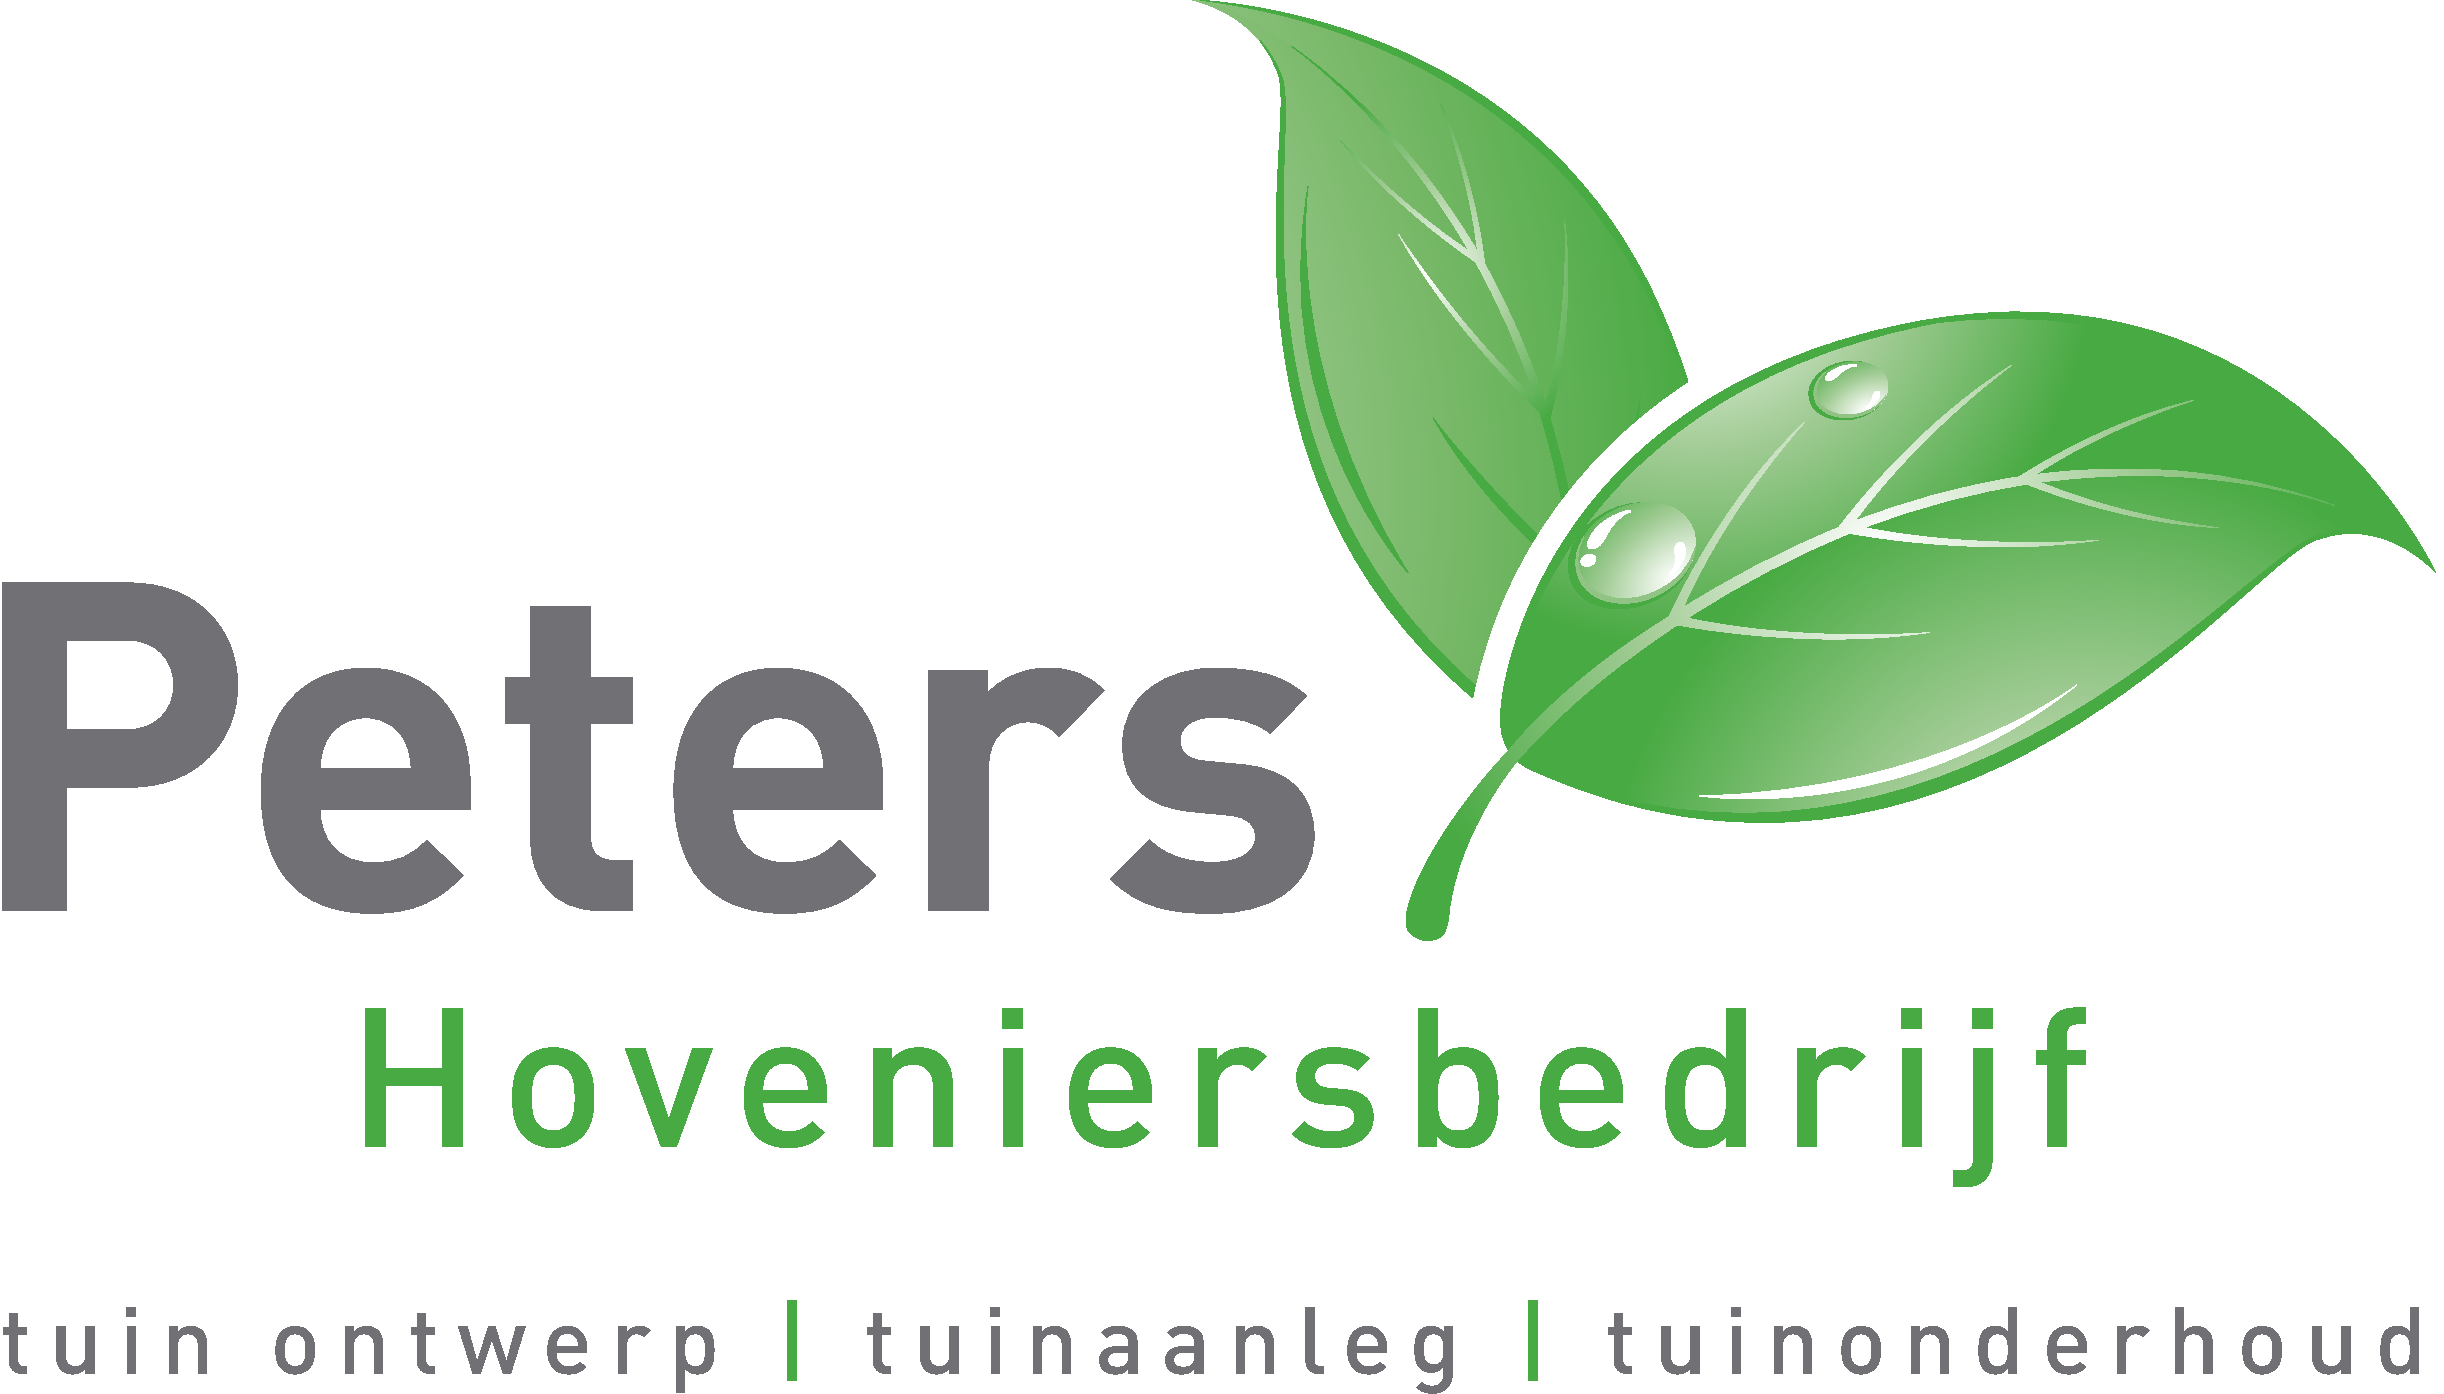 Peters Hoveniersbedrijf